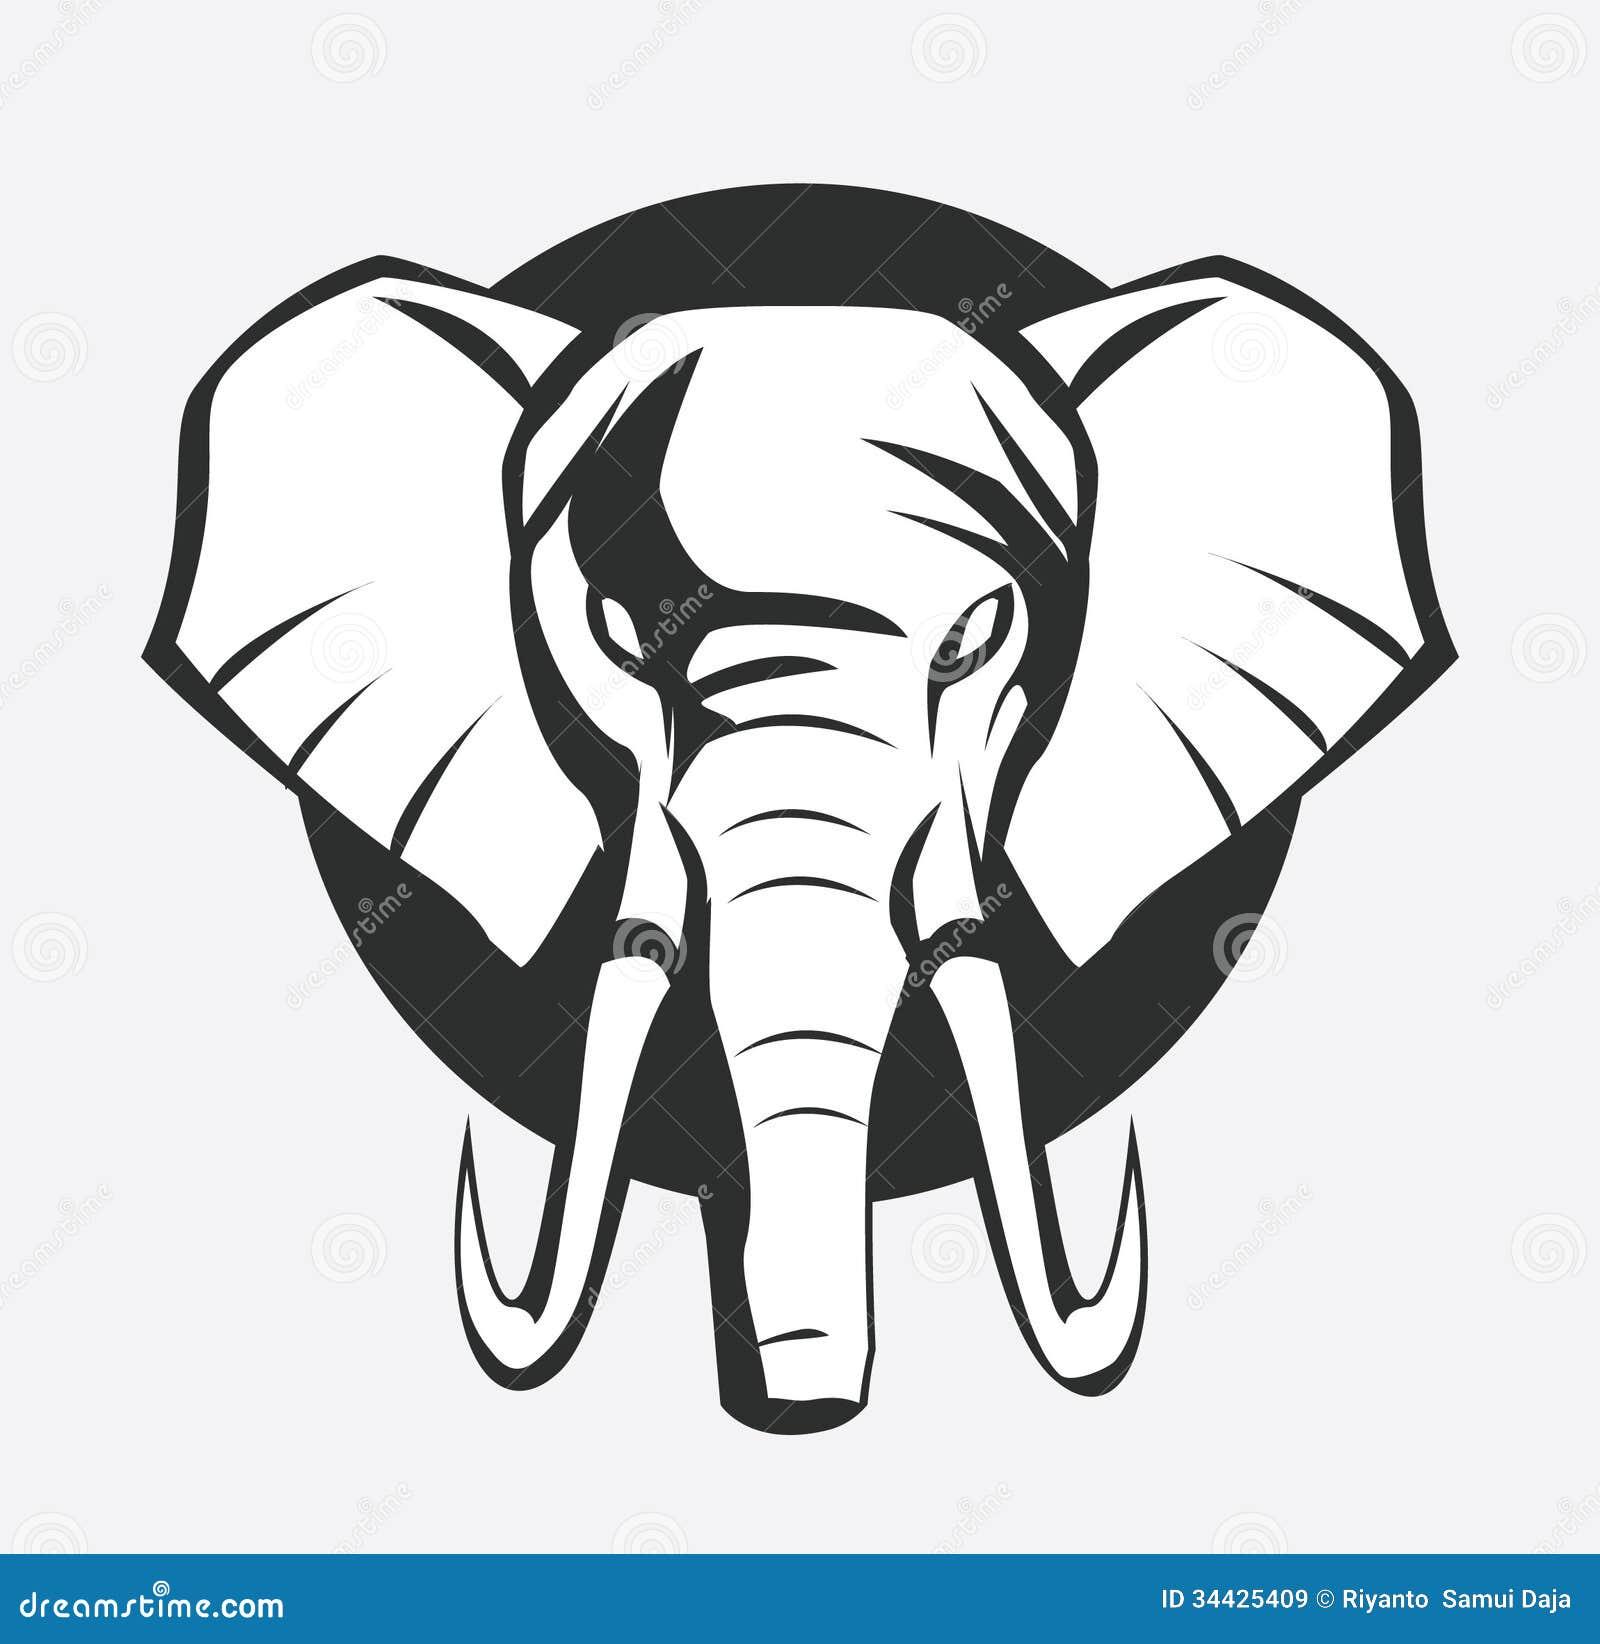 大象标志图片